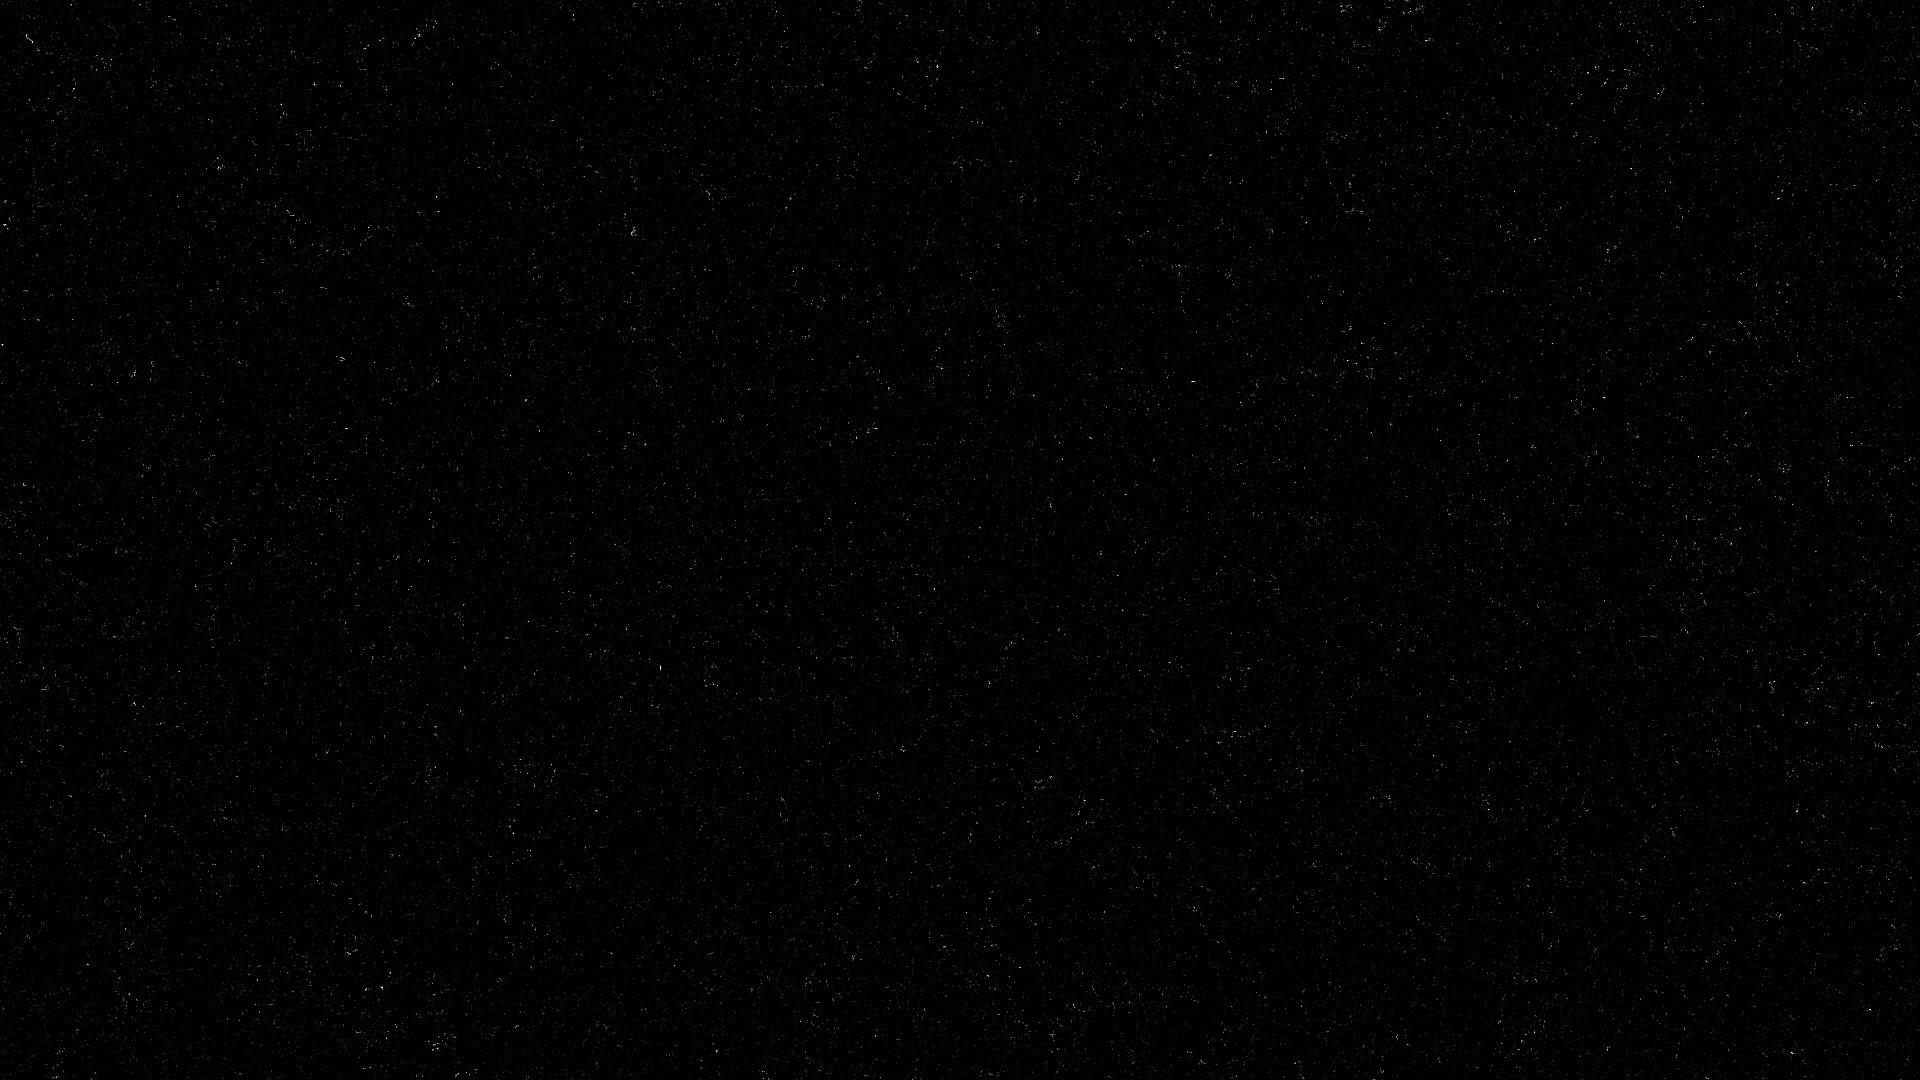 black screen wallpaper hd wwwpixsharkcom images